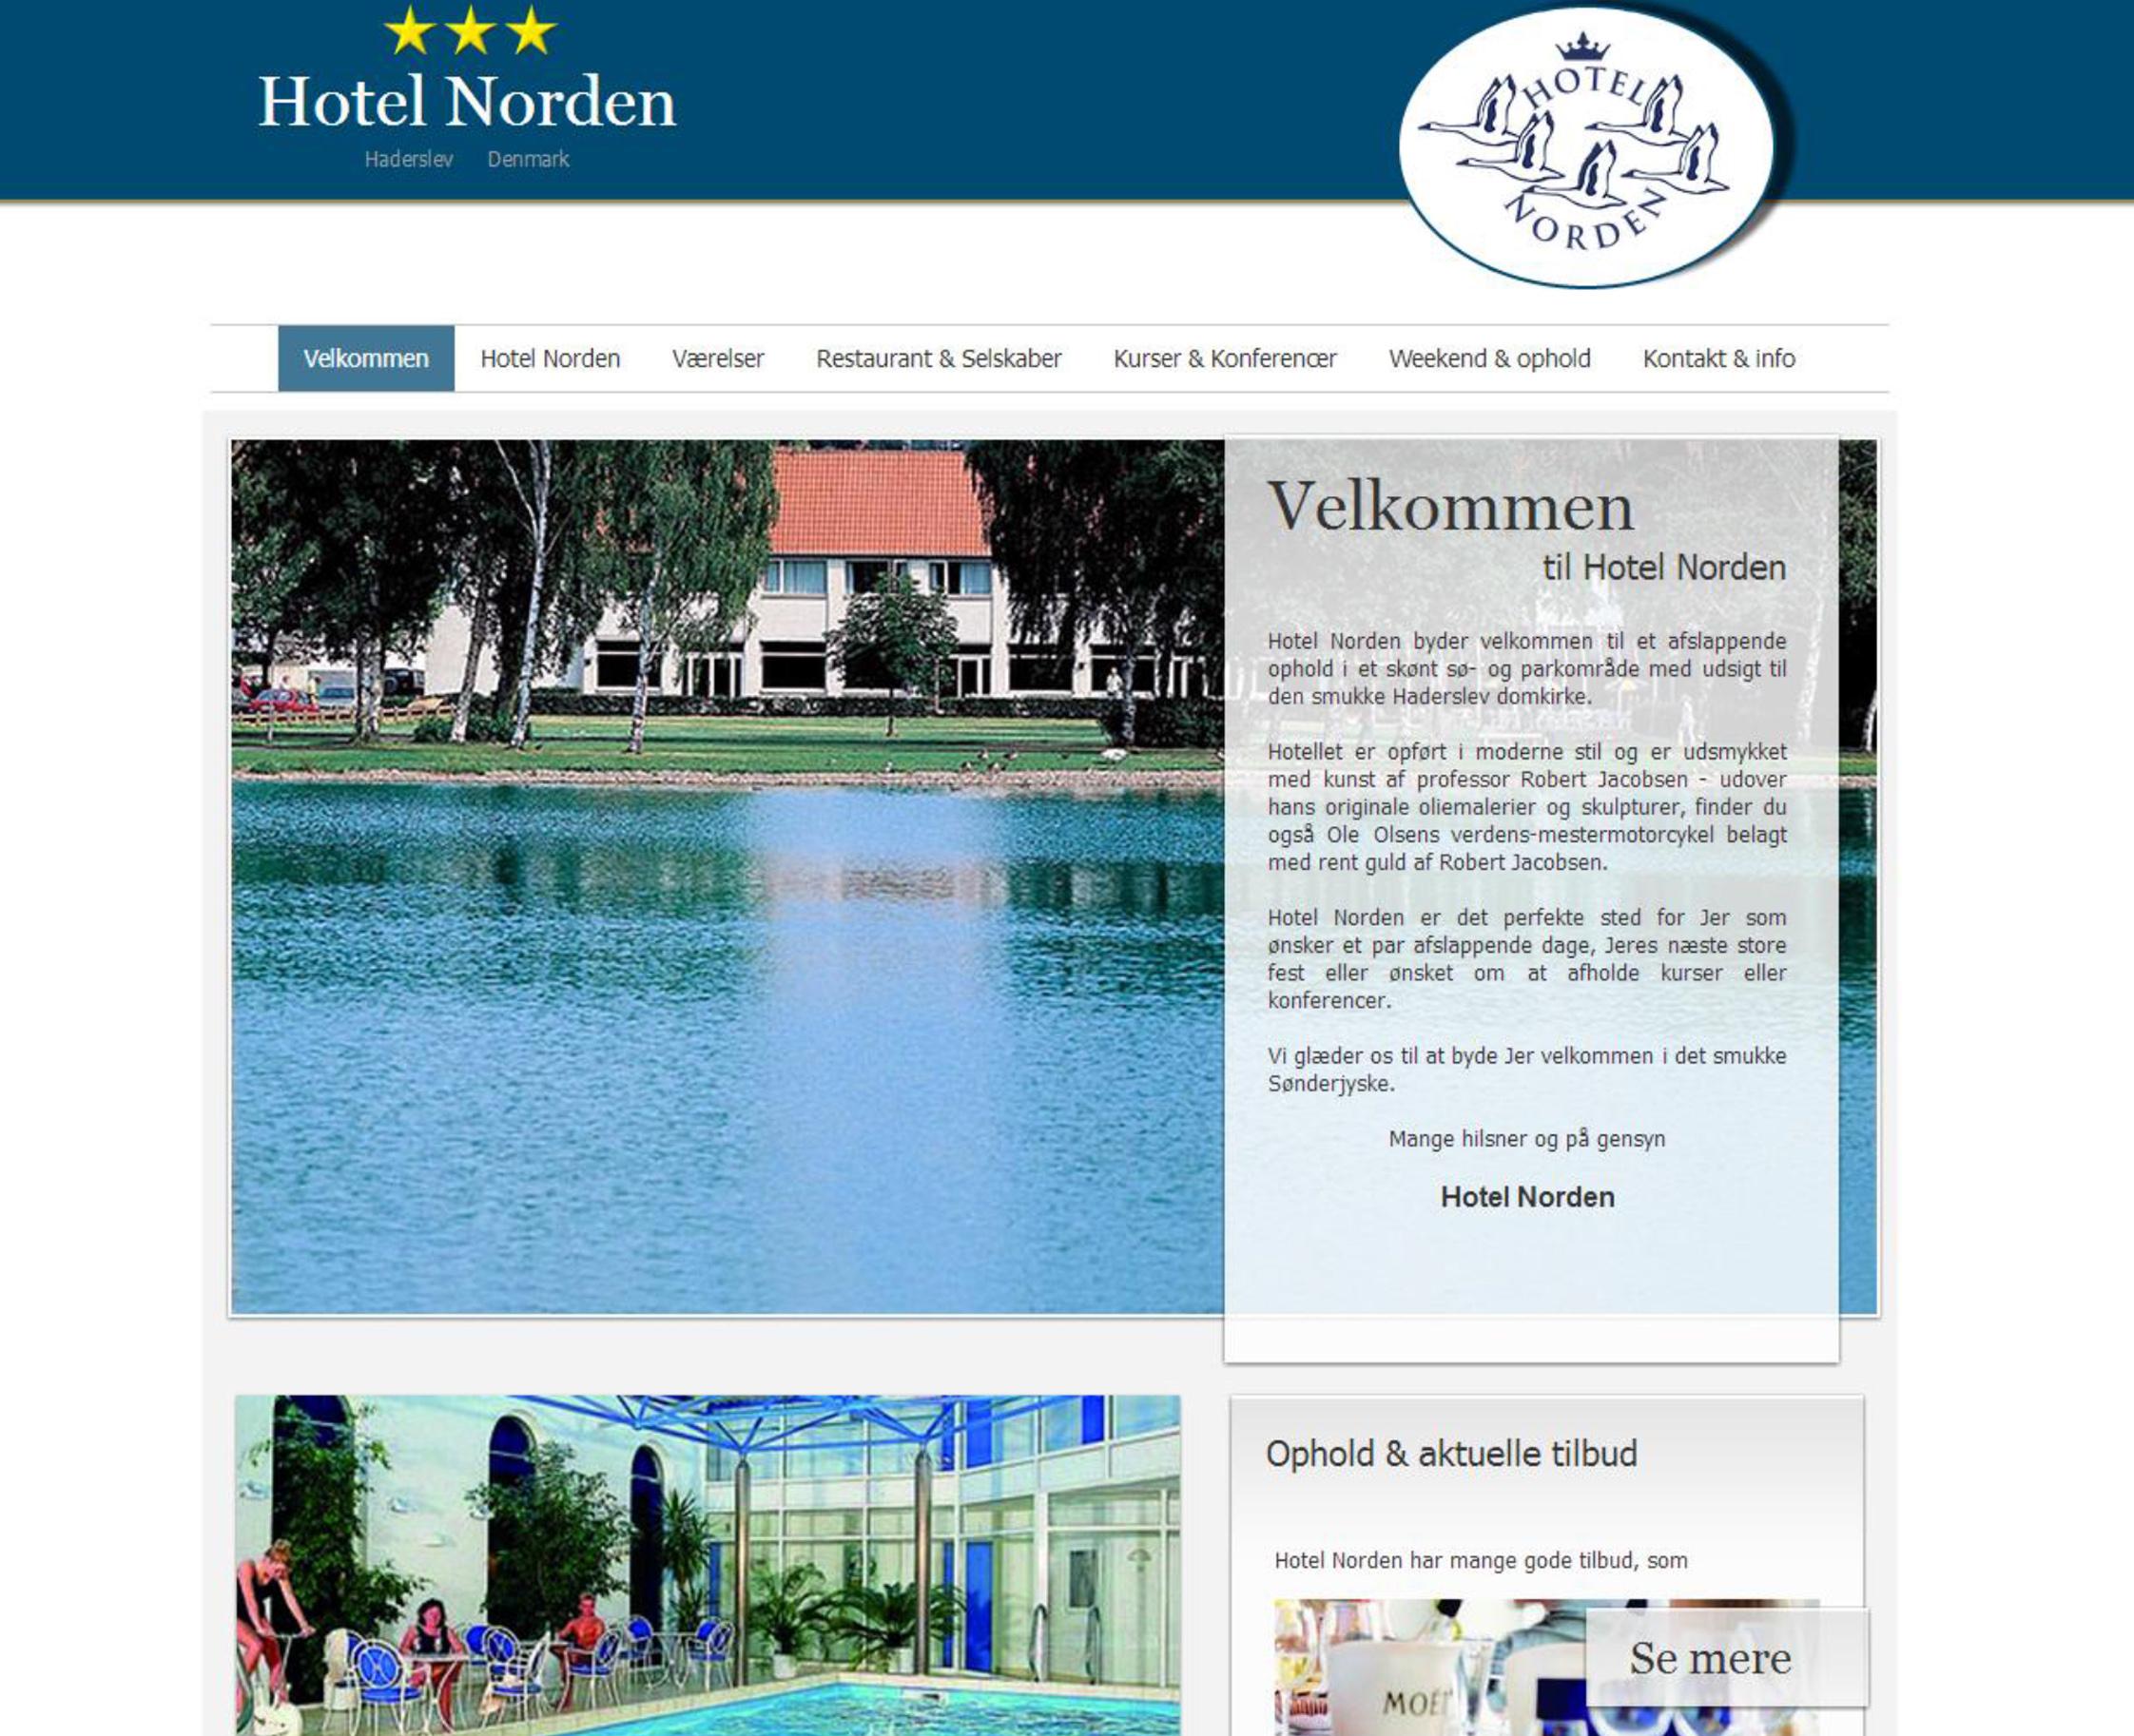 Hotel Norden